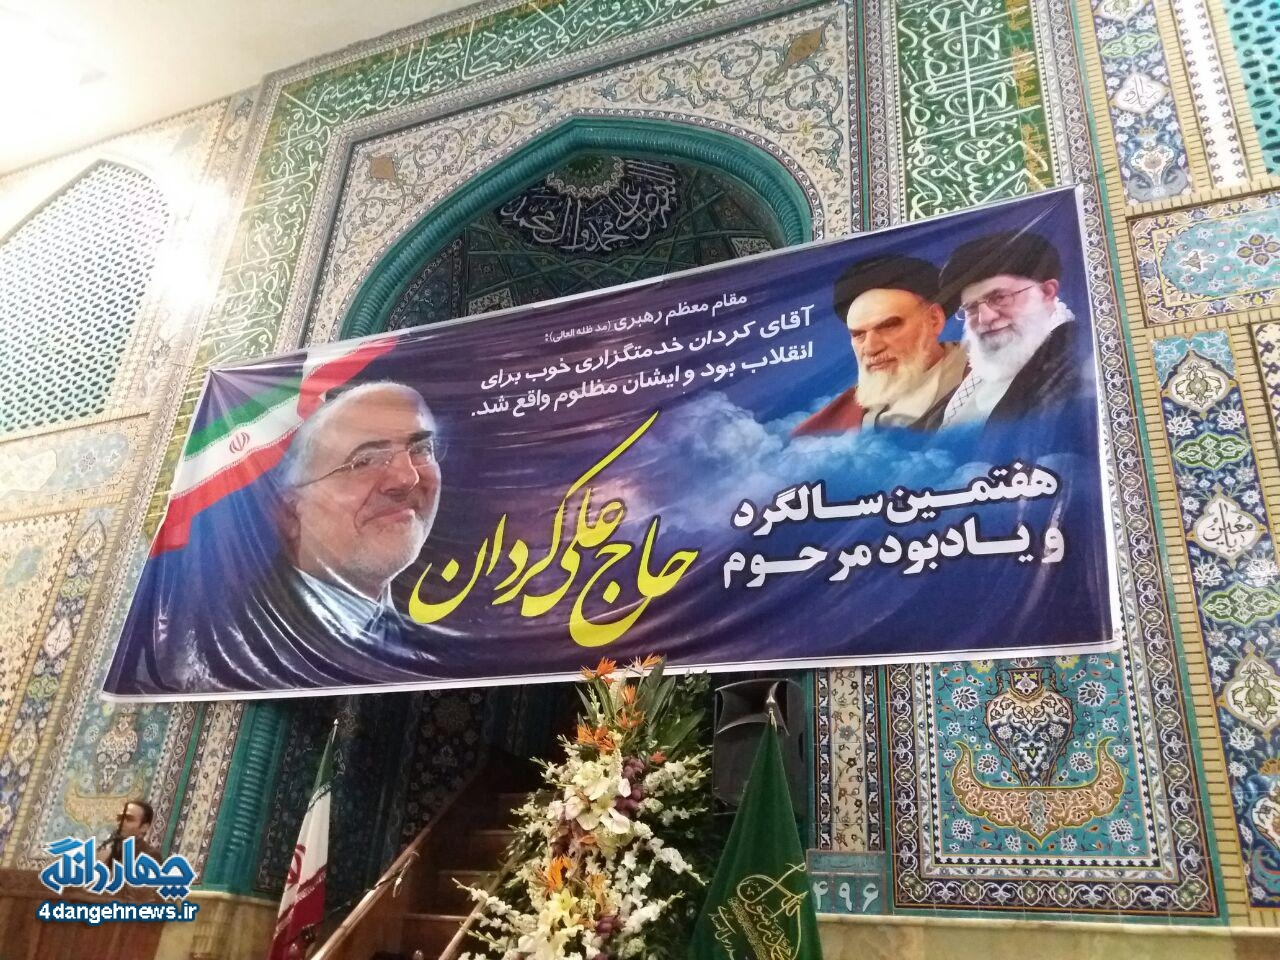 گزارش تصویری از هفتمین سالگرد مرحوم حاج علی کردان